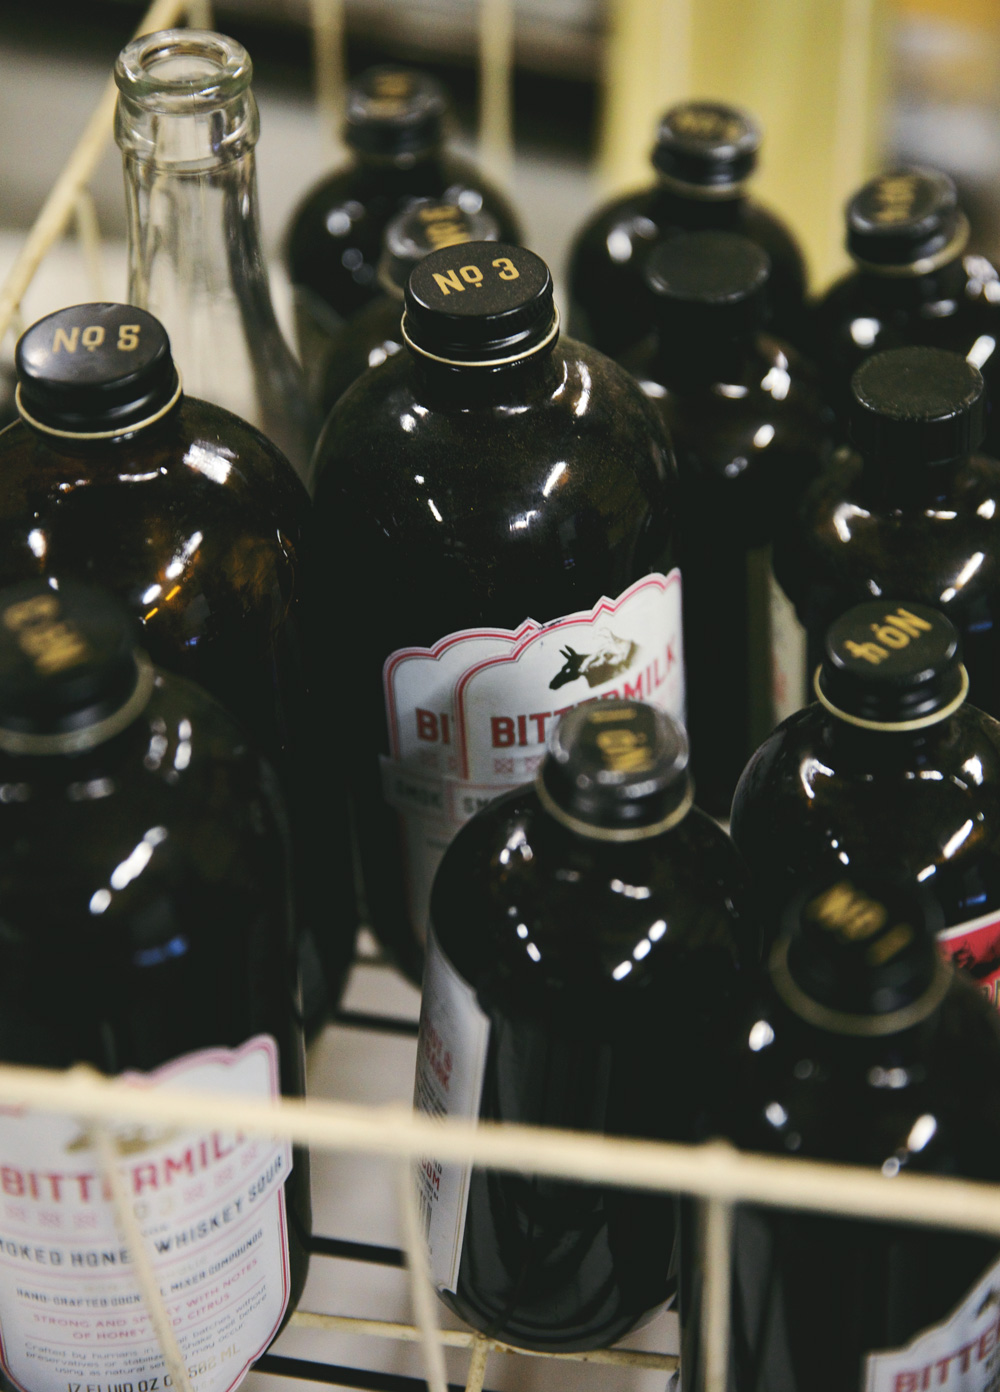 Bittermilk Bottles